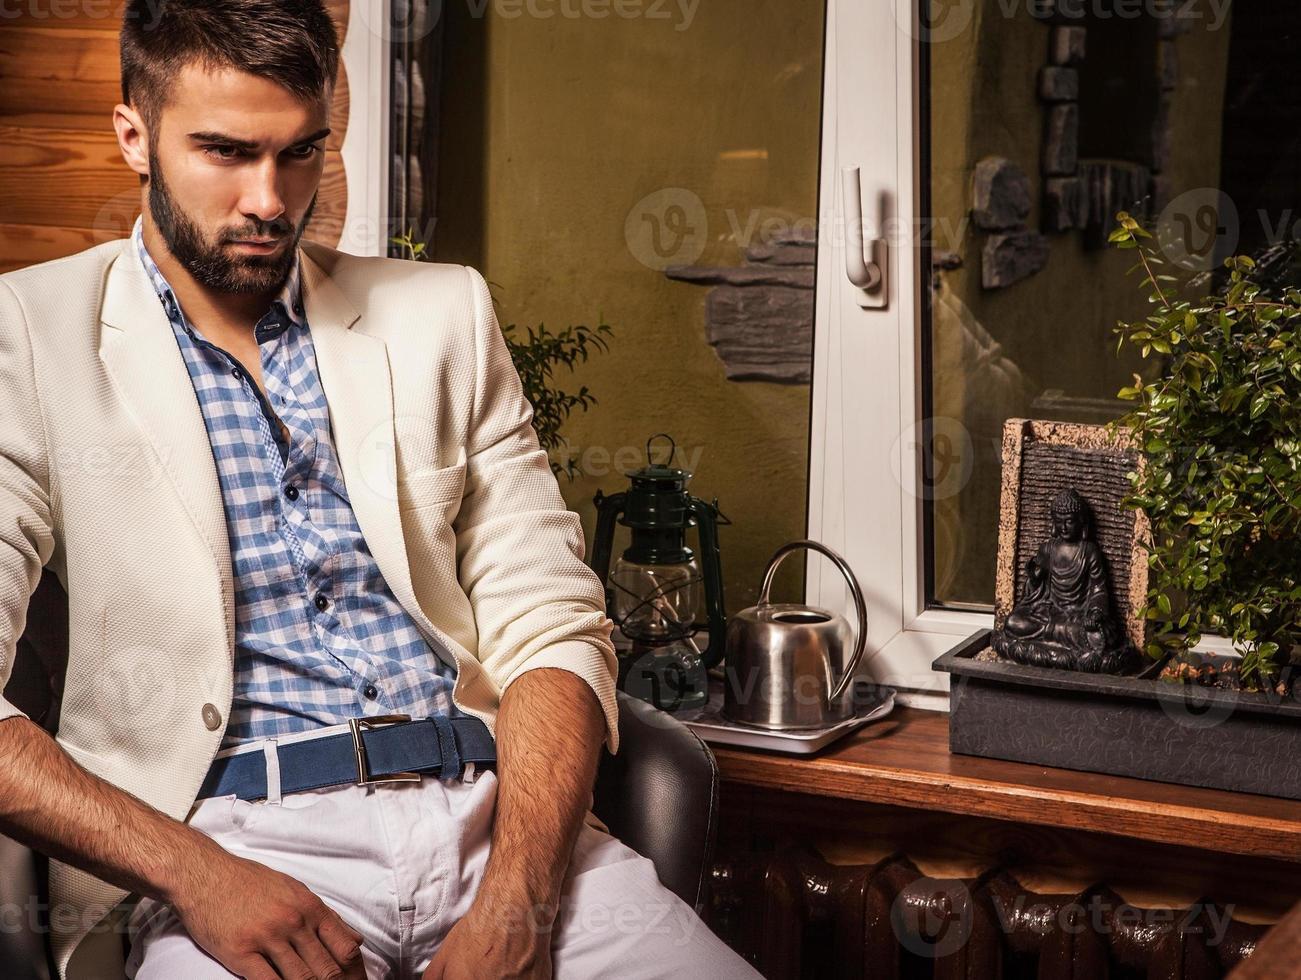 jeunes hommes barbus attrayants posent dans une chambre moderne. photo en gros plan.